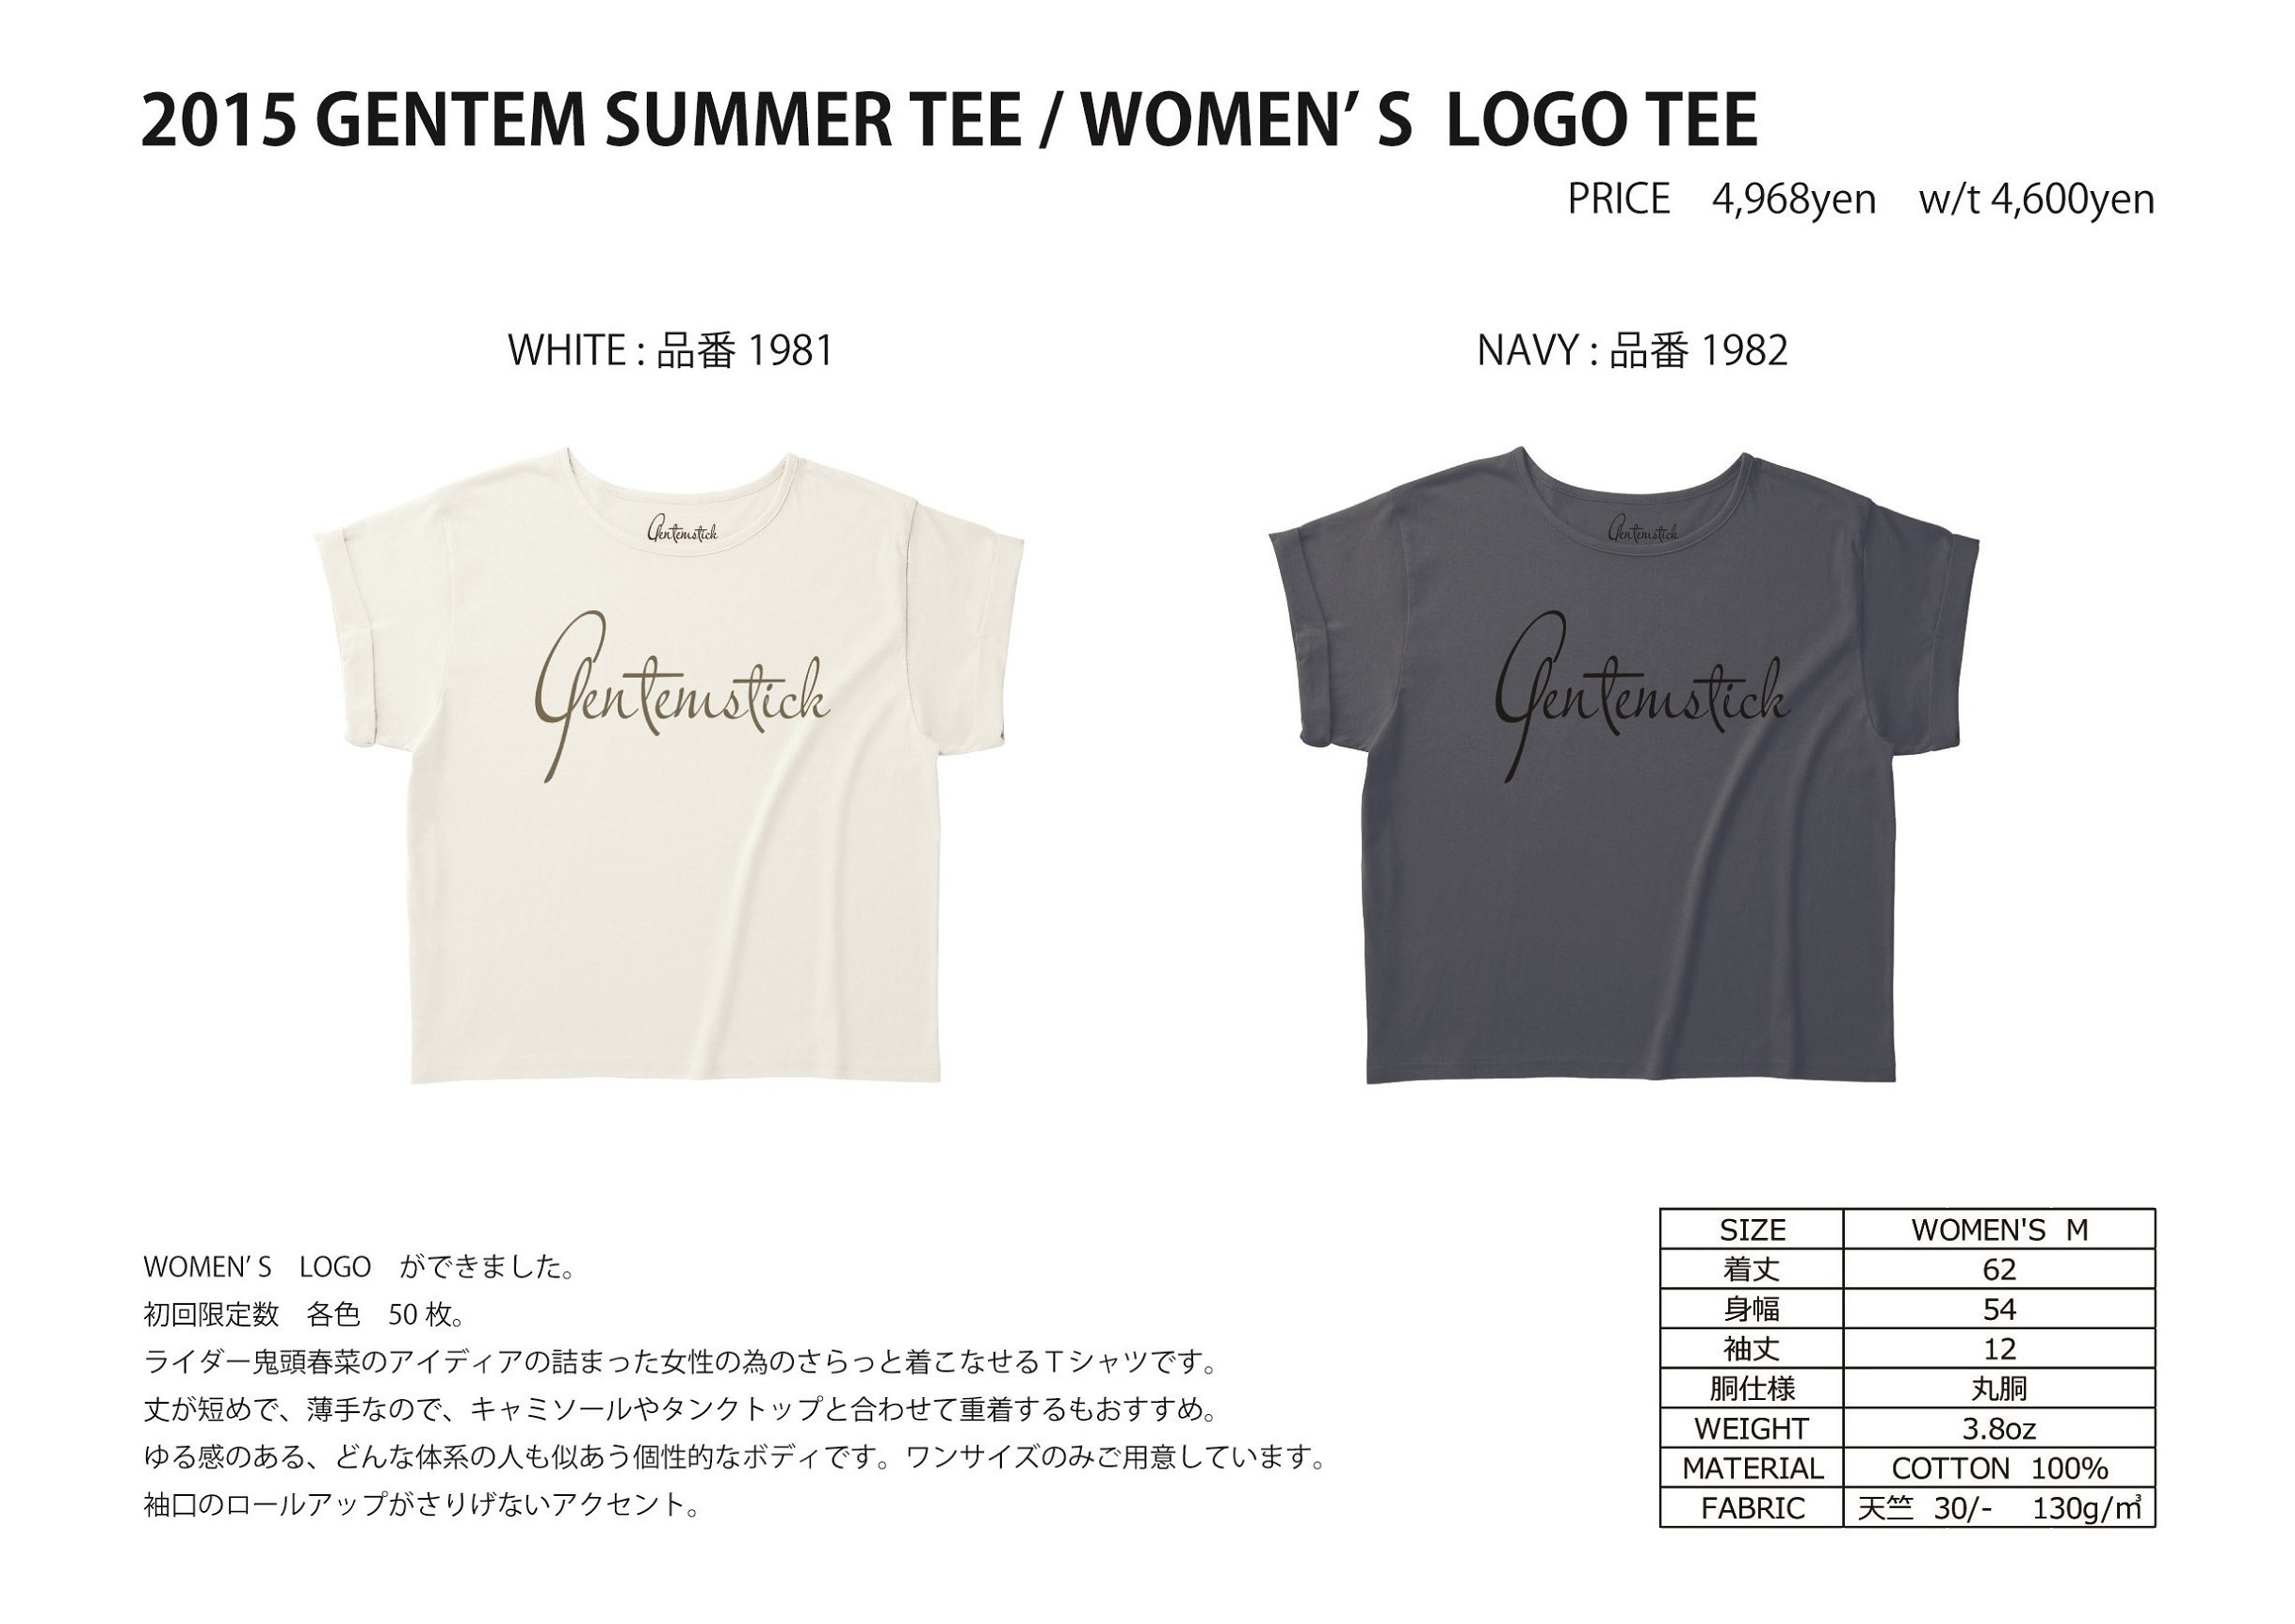 15-16summerTee women's logo tee